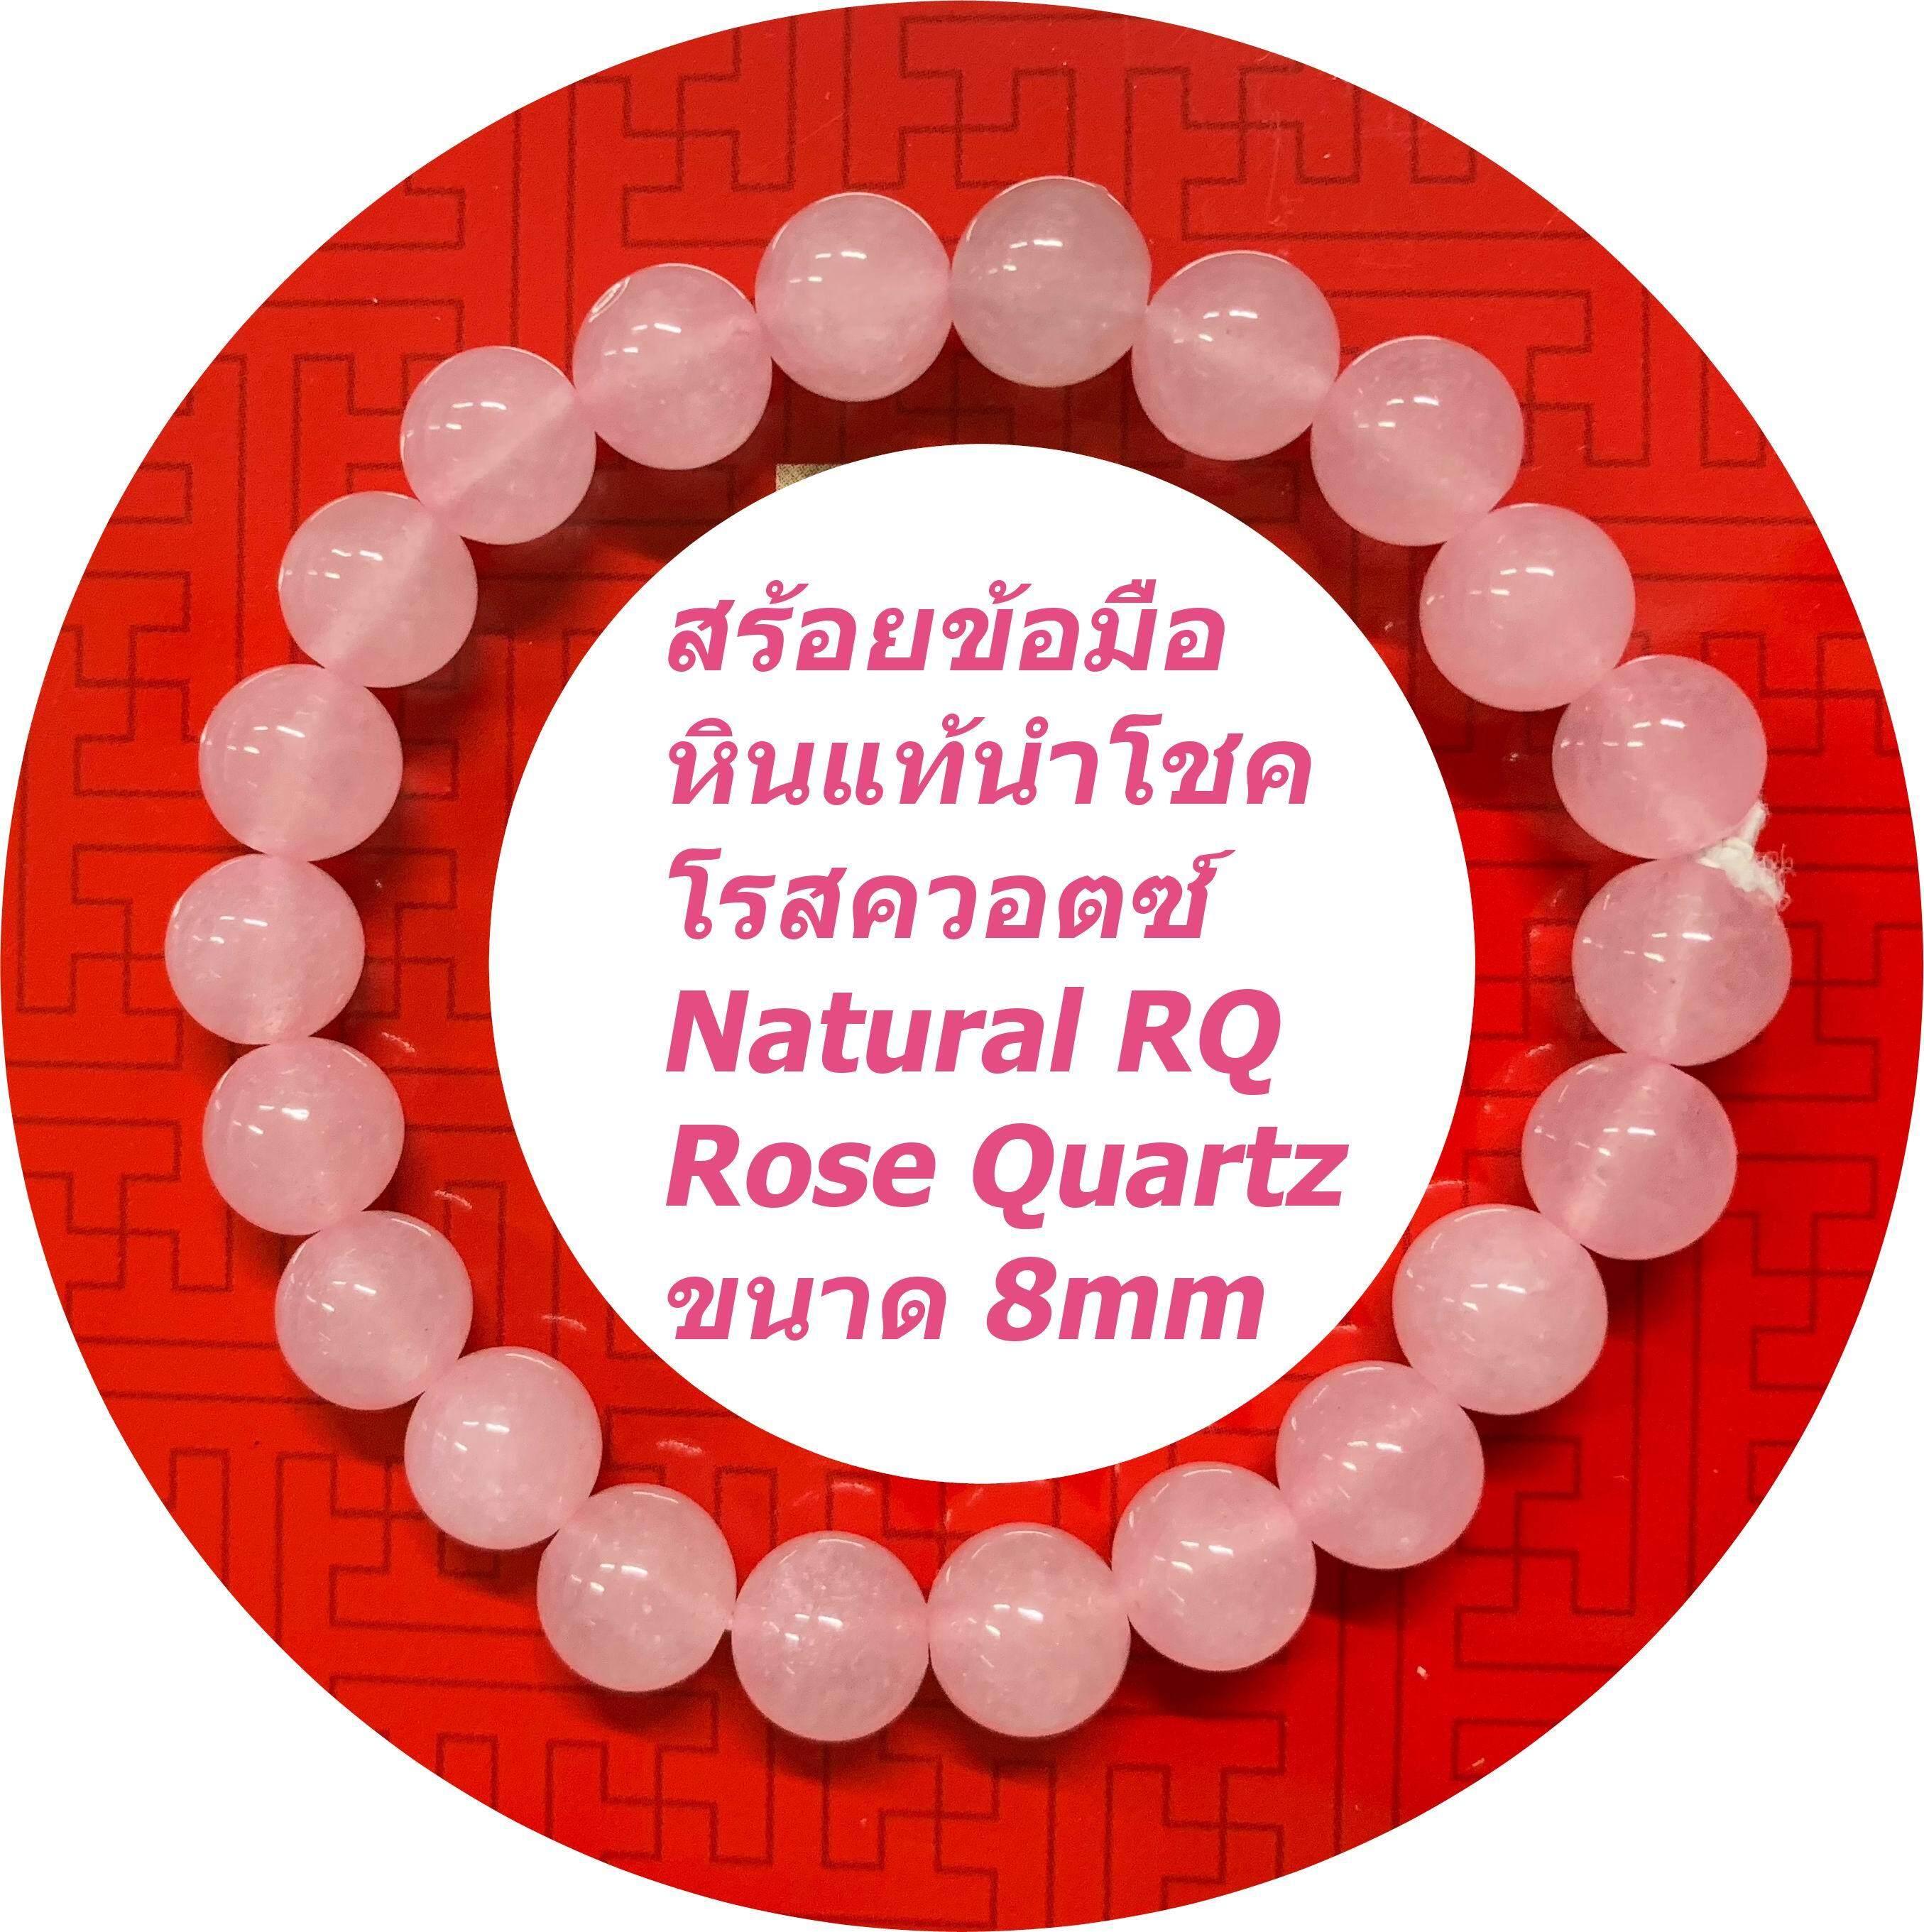 """สร้อยข้อมือหินแท้นำโชค โรสควอตซ์ Natural Rose Quartz RS8mm 22เม็ด เสริมดวงโชคดี เสริมเงินทอง บารมี ช่วยสมหวังเสริมความเจริญรุ่งเรืองในทุกๆด้าน  หวยเด็ด""""ปฏิทินจีน""""แม่นๆ#2/5/62 -ขเด็ด e66609c745277999141bc1838edd3969"""